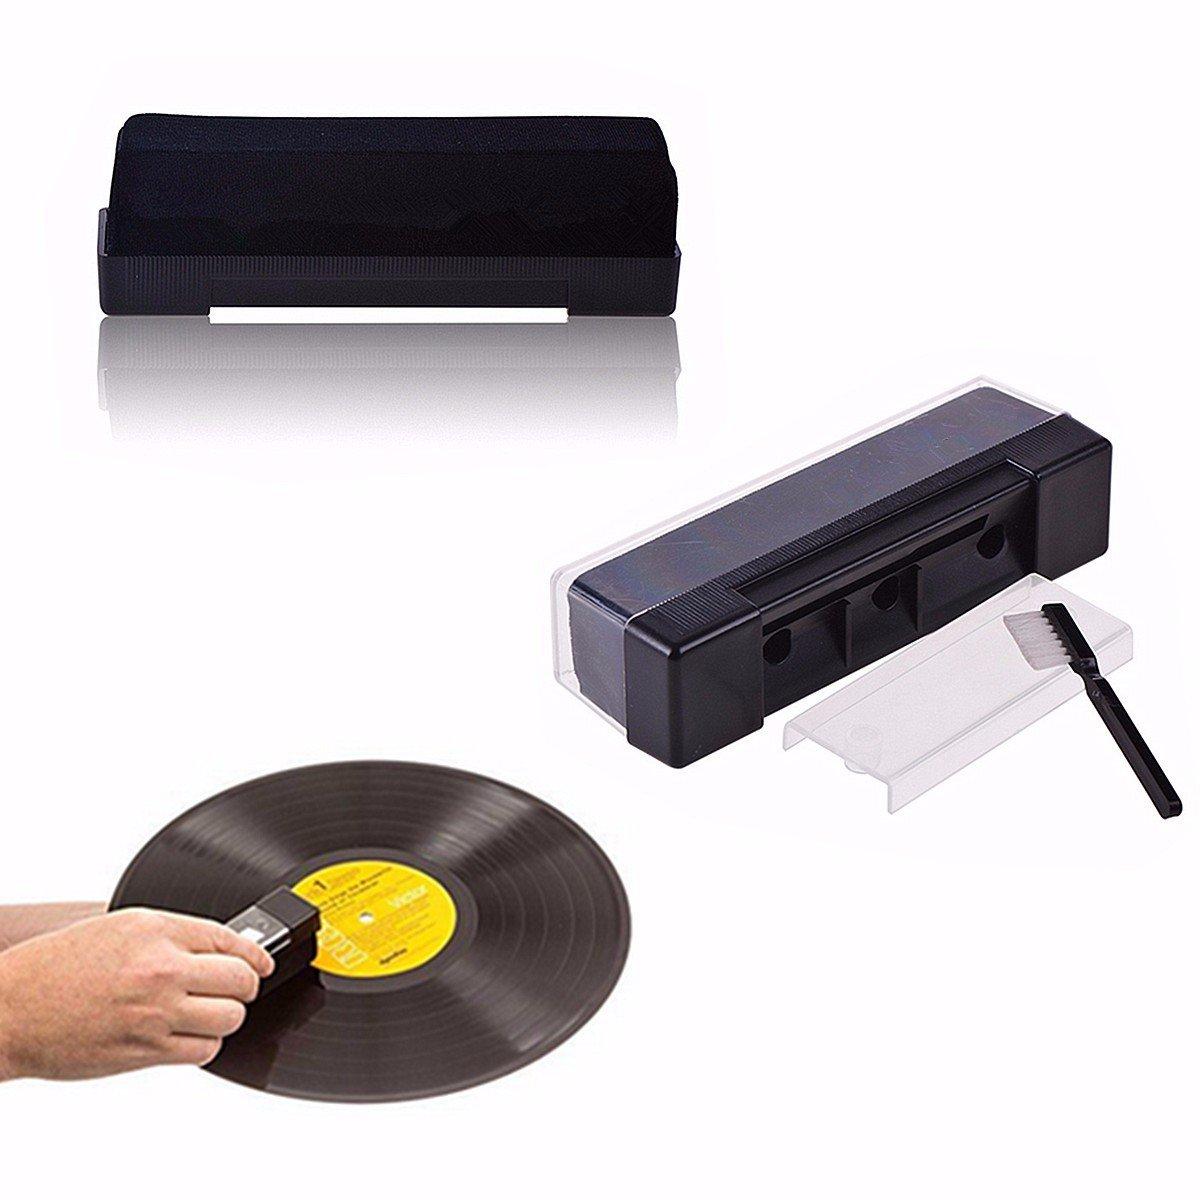 BestクリーンアップOutfit – レコードターンテーブルPhonographクリーニングキットブラシ – Recording Discクレンジング登録Platter – 1pcs B07DP2ZLGV